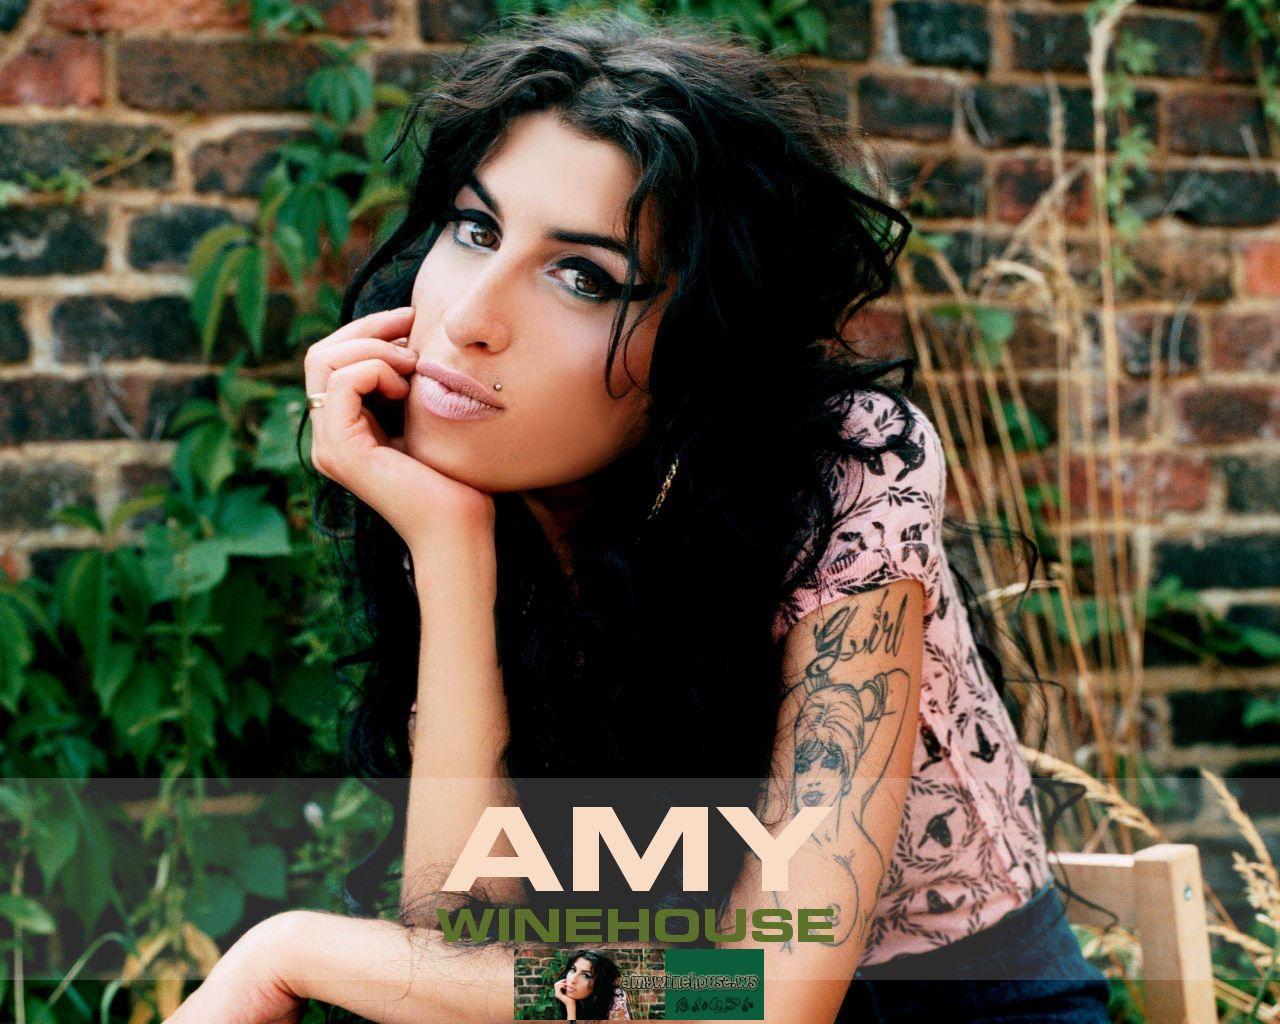 https://4.bp.blogspot.com/-ThUplBDdY8Q/TjBIPov5hmI/AAAAAAAAAlM/KQA7N5W6AVg/s1600/amy-winehouse-wallpaper.jpg